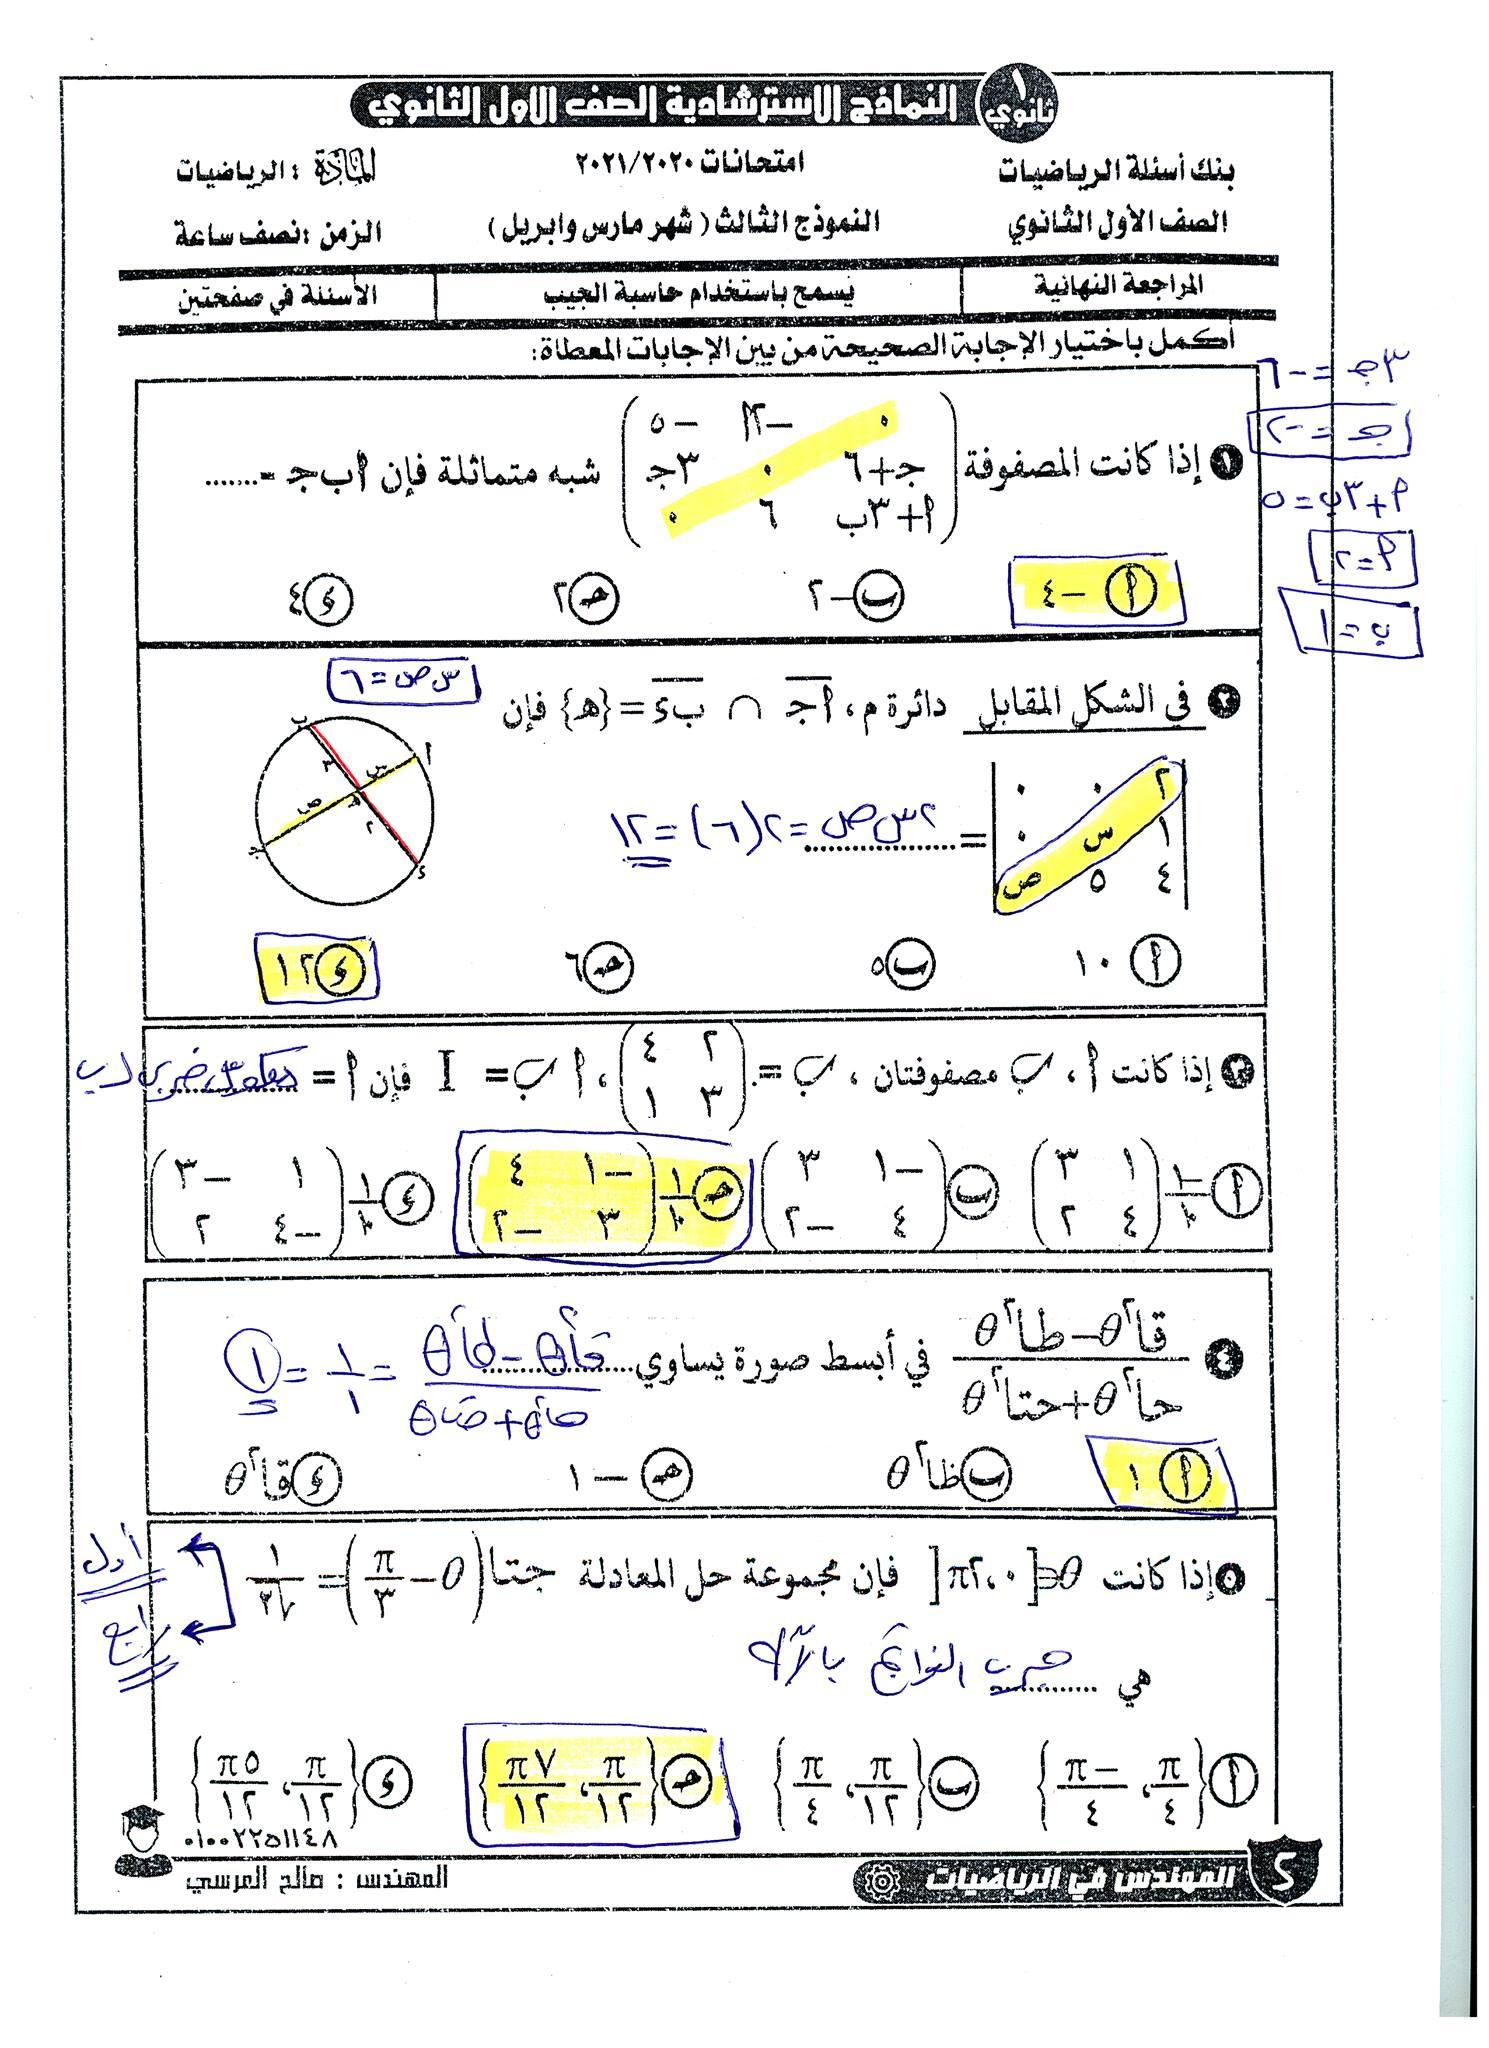 مراجعة ليلة الامتحان رياضيات للصف الأول الثانوي ترم ثاني.. ملخص كامل متكامل للقوانين و حل النماذج الاسترشادية 11